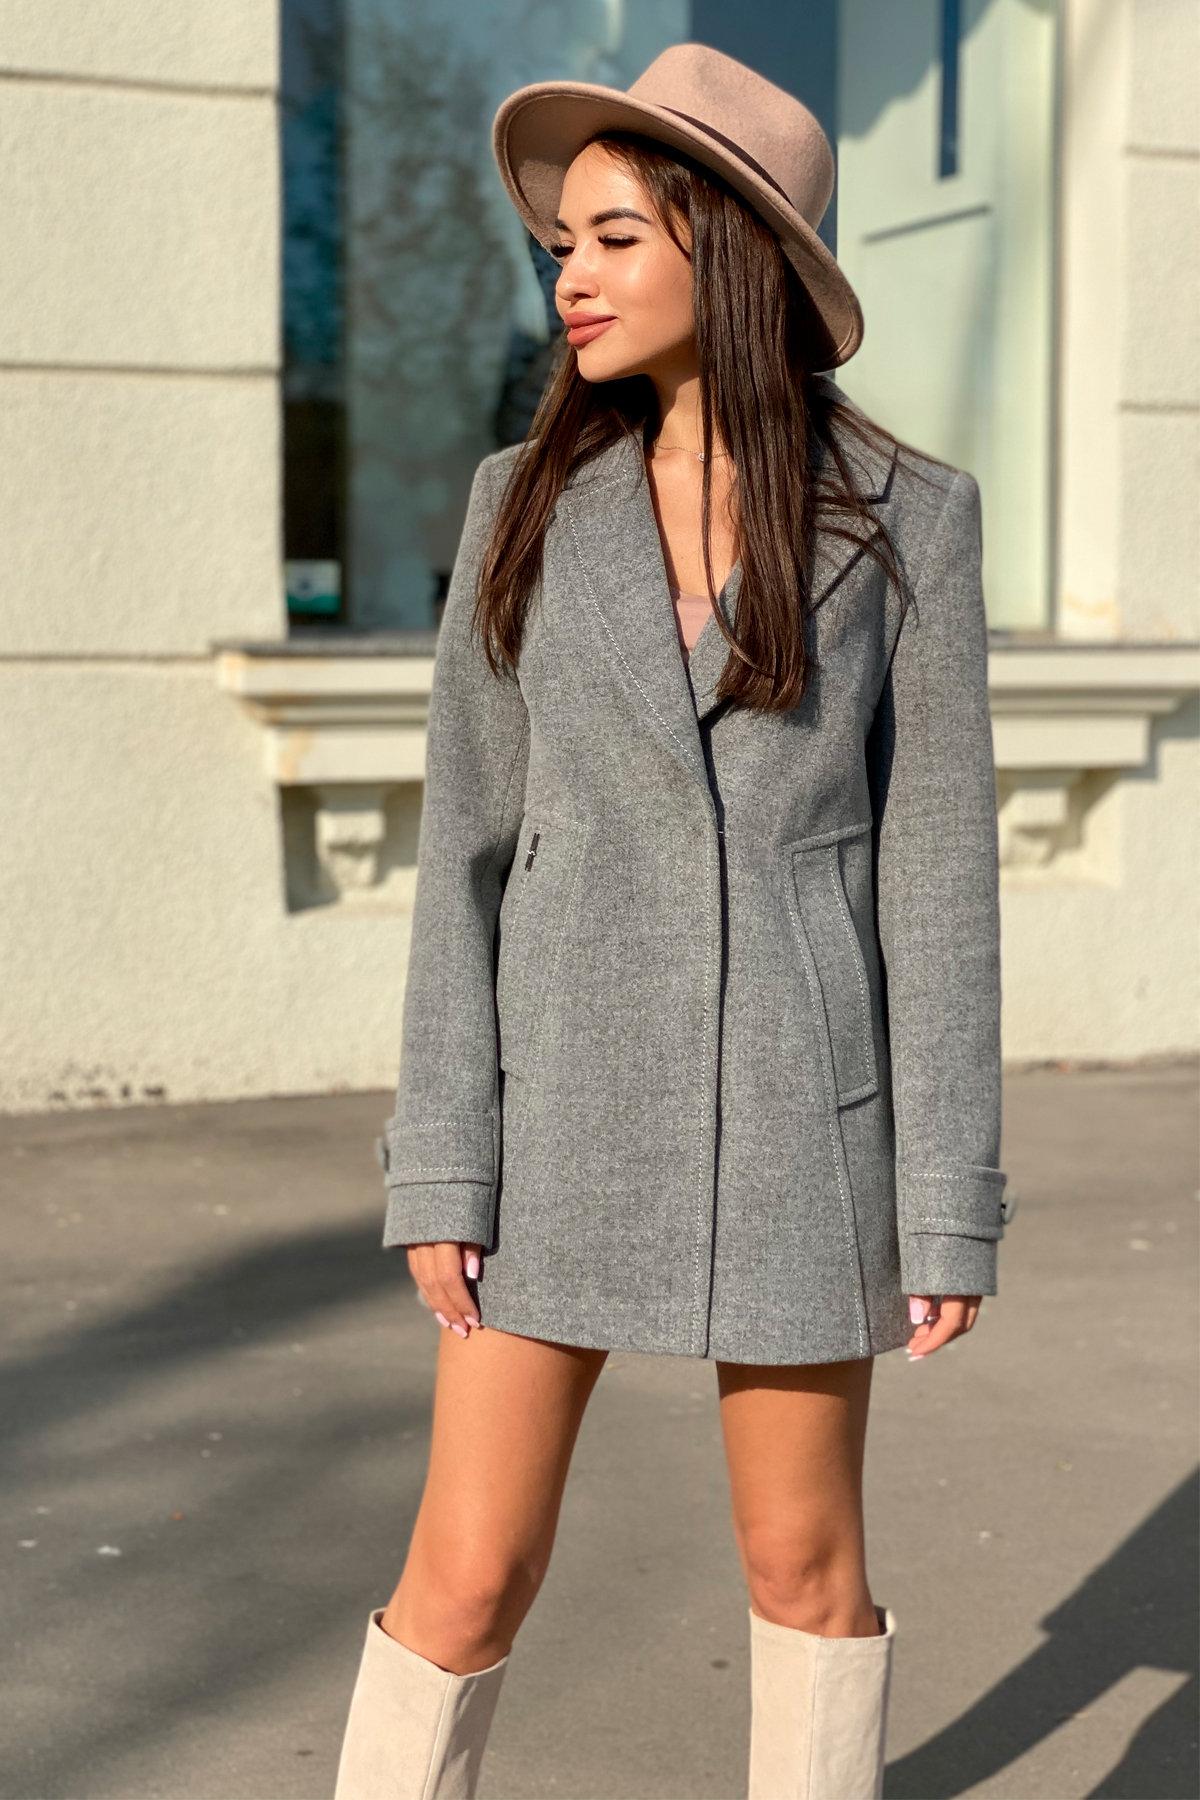 Пальто Смарта 6395 АРТ. 41427 Цвет: Серый 18 - фото 1, интернет магазин tm-modus.ru